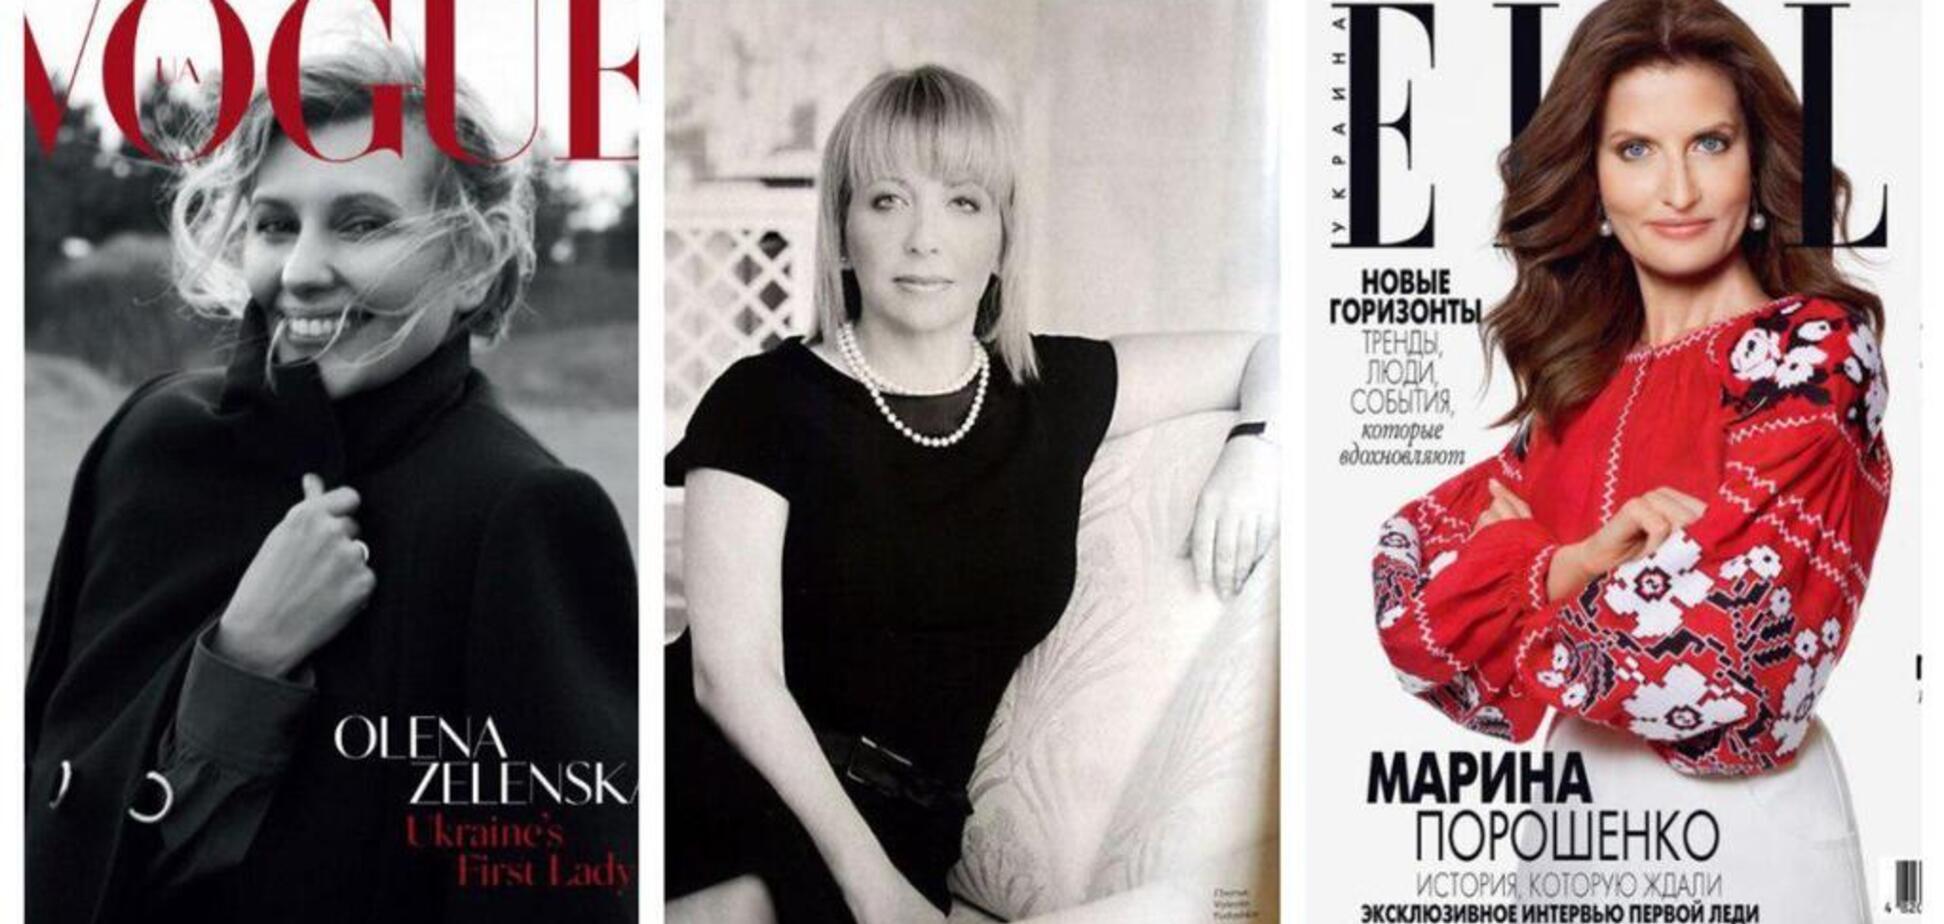 От Ющенко до Зеленской: какая из обложек первых леди Украины лучше